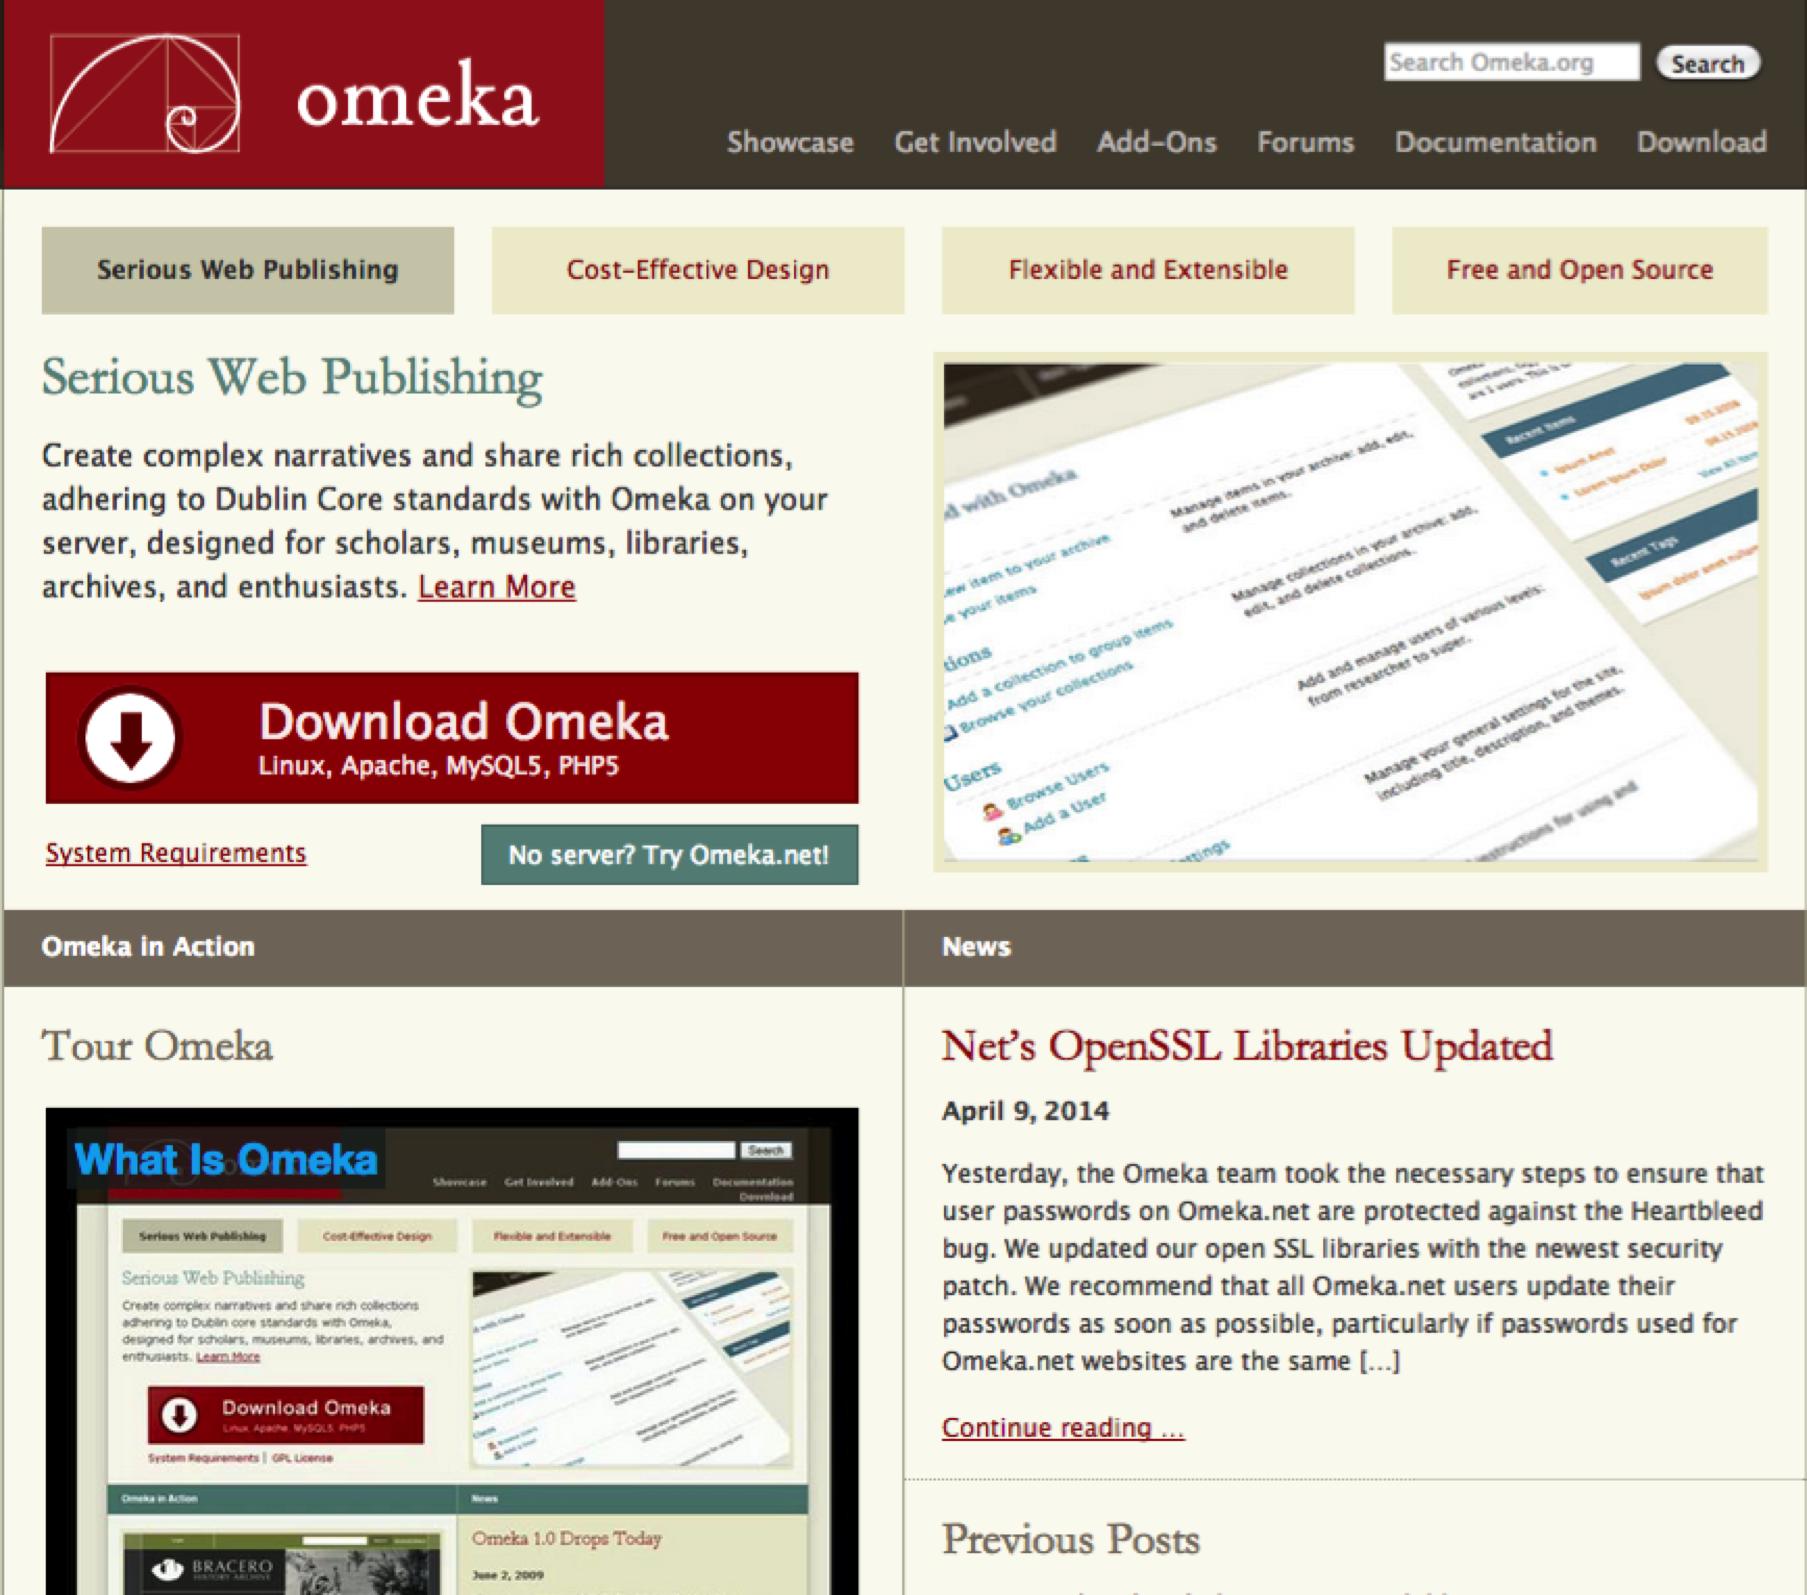 Screenshot of Omeka.org website